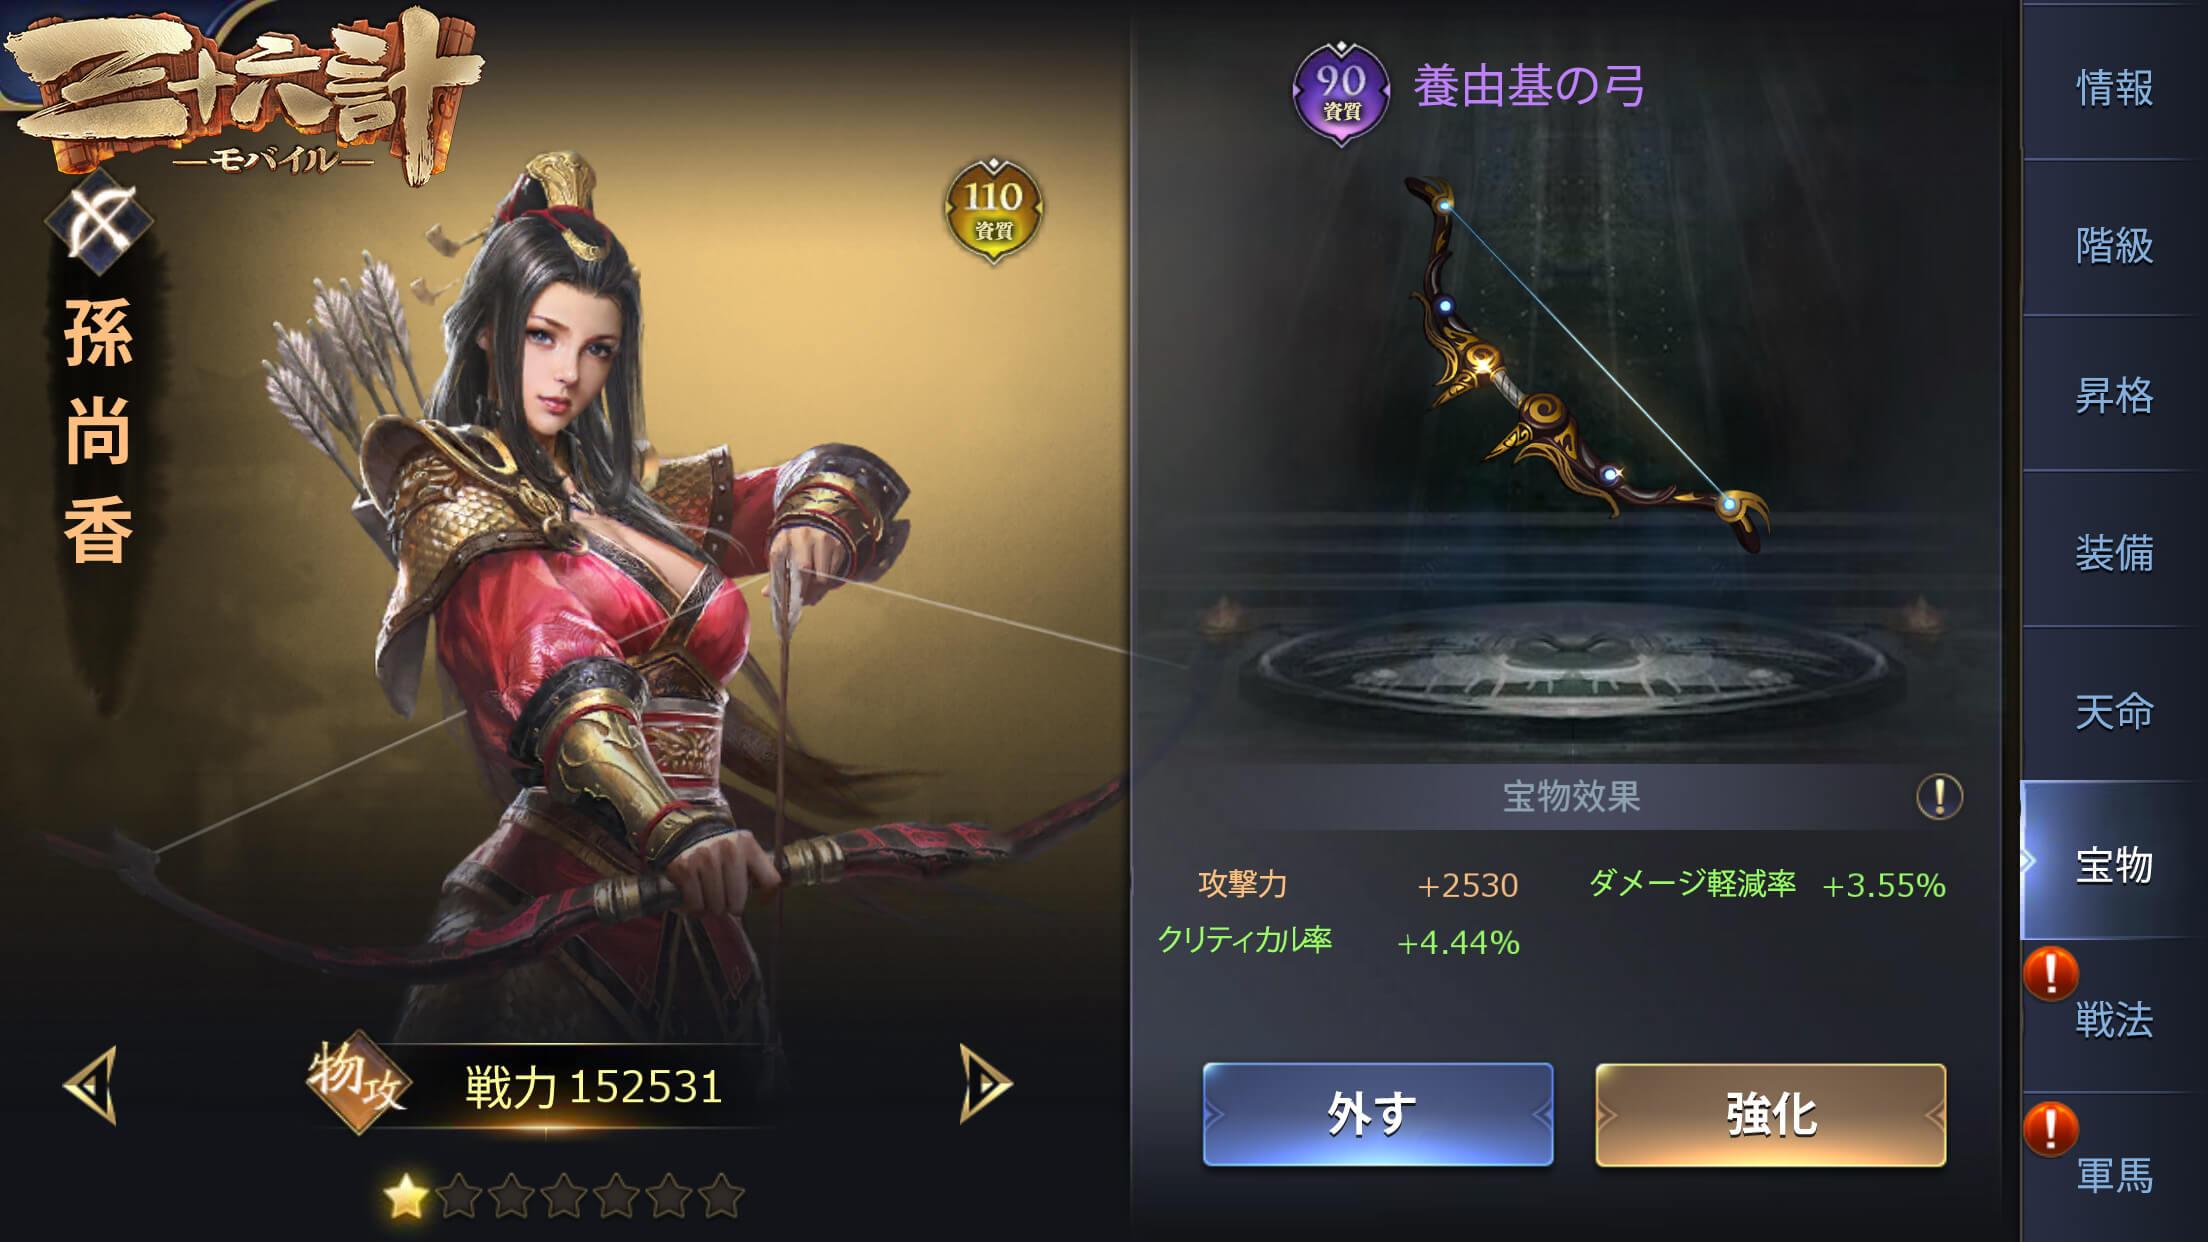 孫尚香.jpg